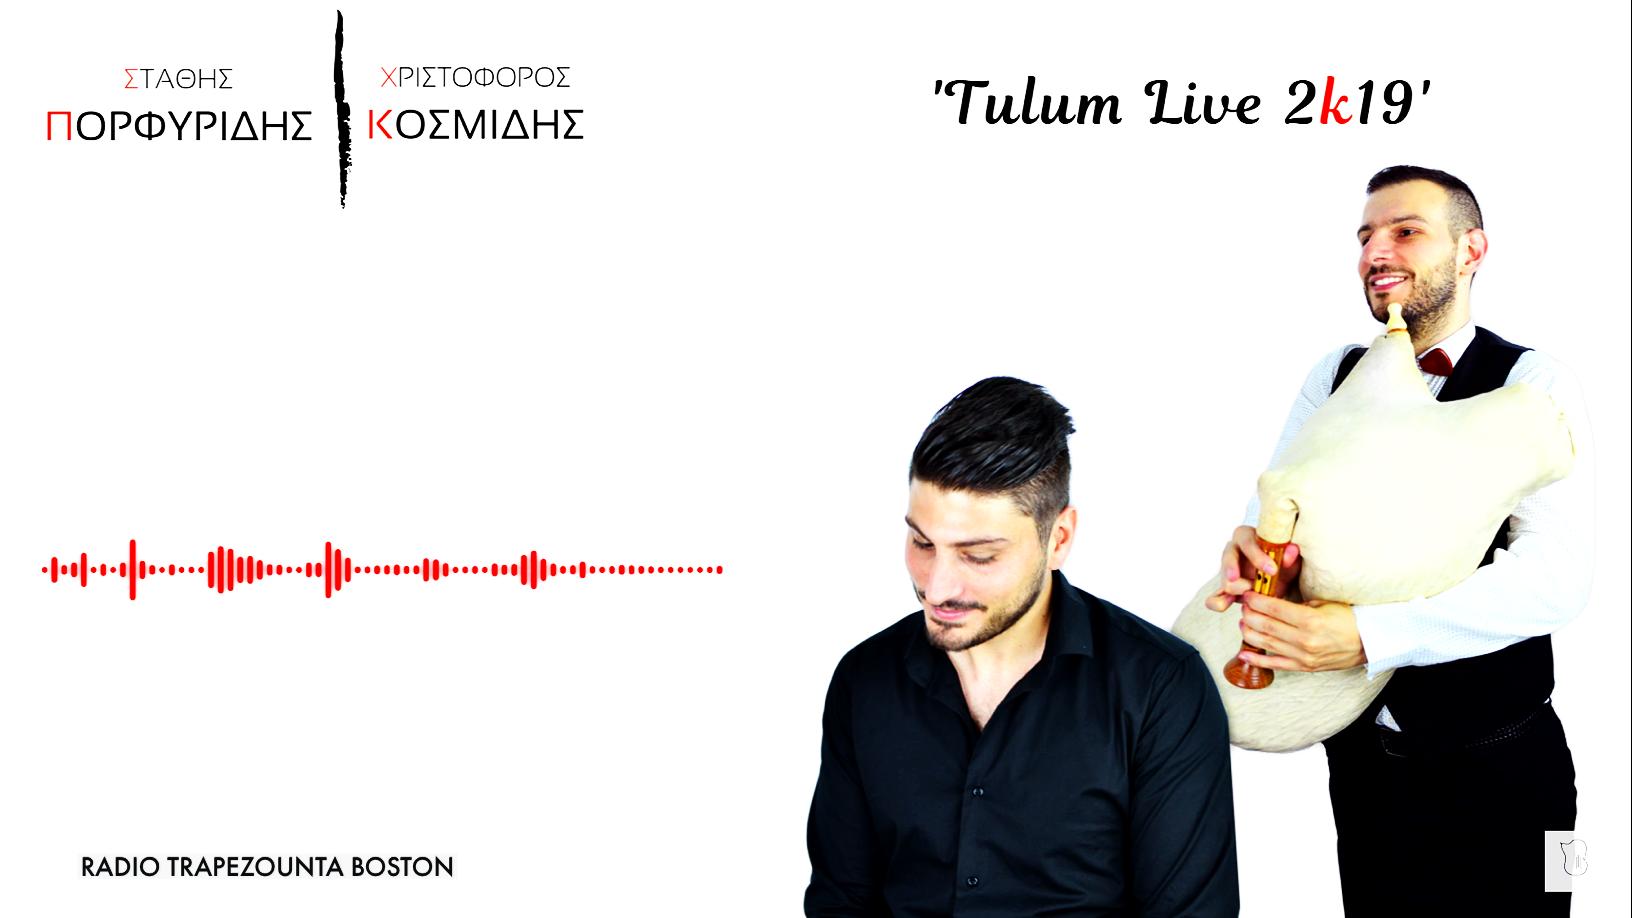 27/07/2019 ΒΙΝΤΕΟ ΤΗΣ ΗΜΕΡΑΣ: Στάθης Πορφυρίδης ~ Χριστόφορος Κοσμίδης || Tulum Live 2k19 🐑®